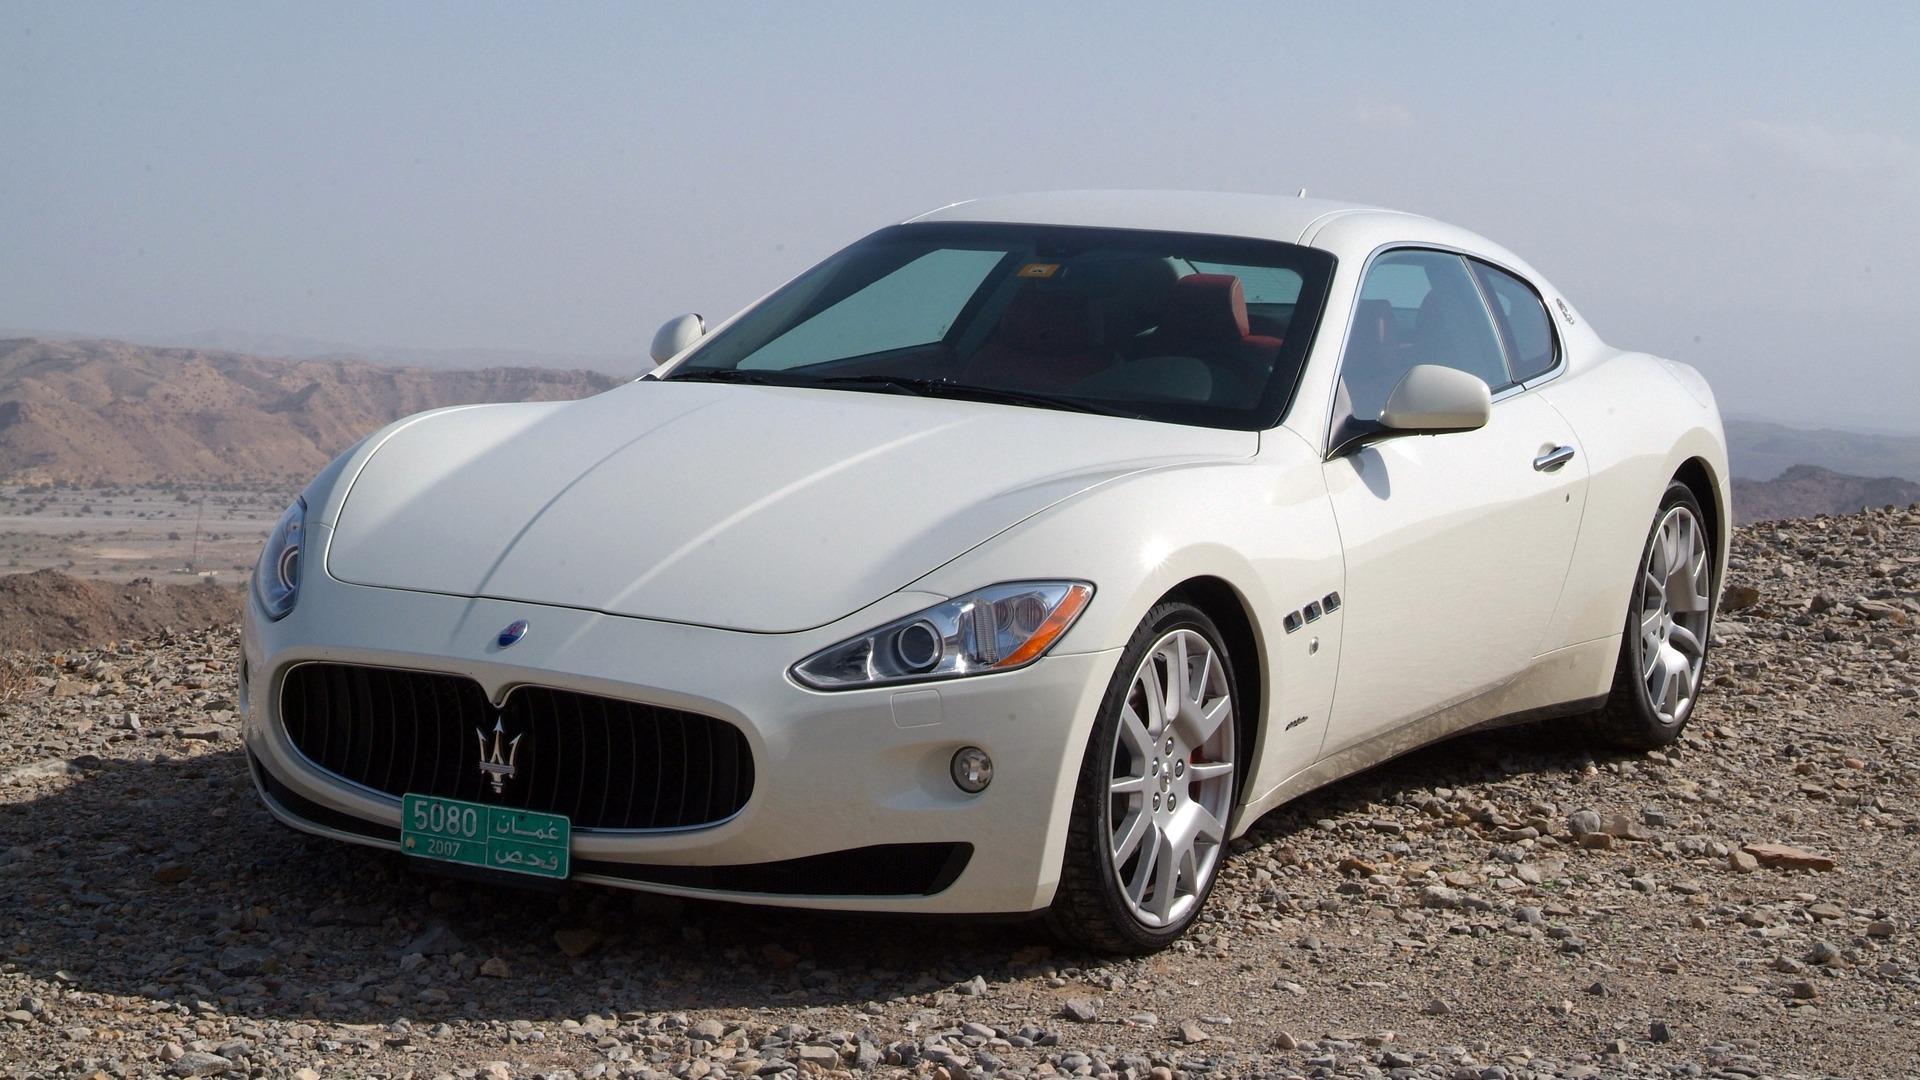 1249 2011 Maserati Granturismo 9 furthermore  moreover 2513 Maserati Grancabrio blue 19 furthermore Wallpaper 4c in addition 570 2013 Maserati Granturismo 9. on maserati granturismo